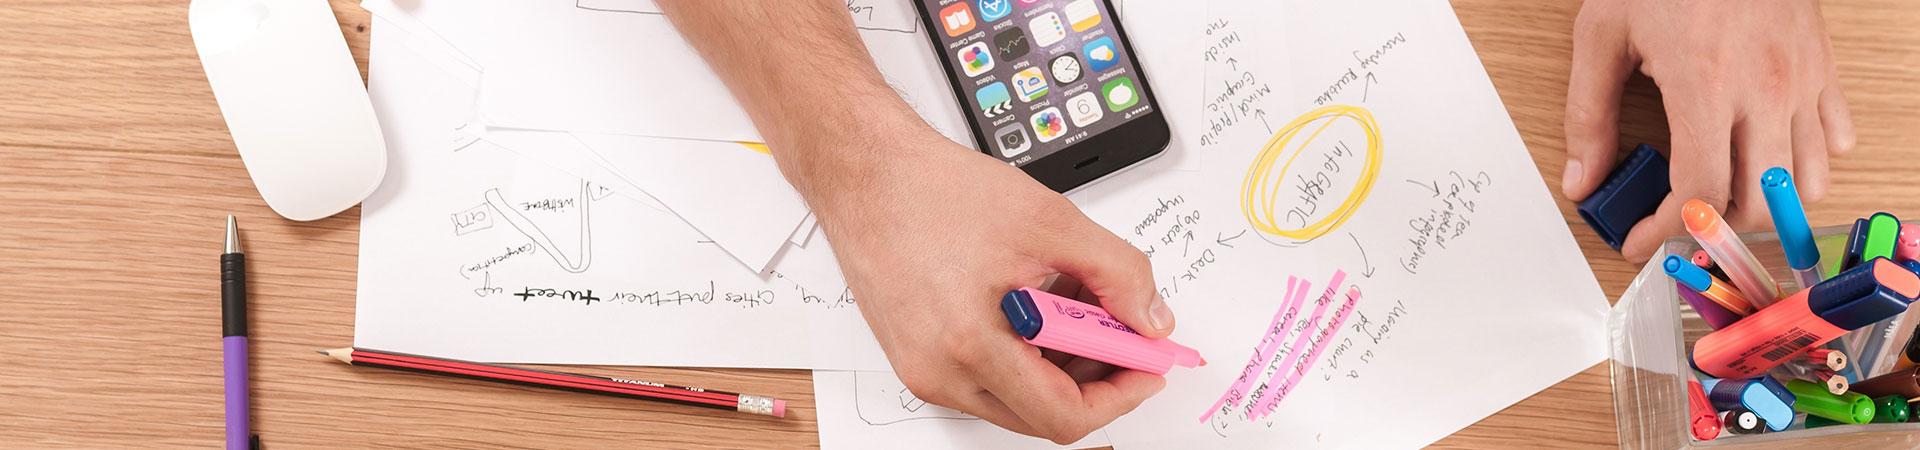 Herramientas para wireframes o mockups de sitios web y apps